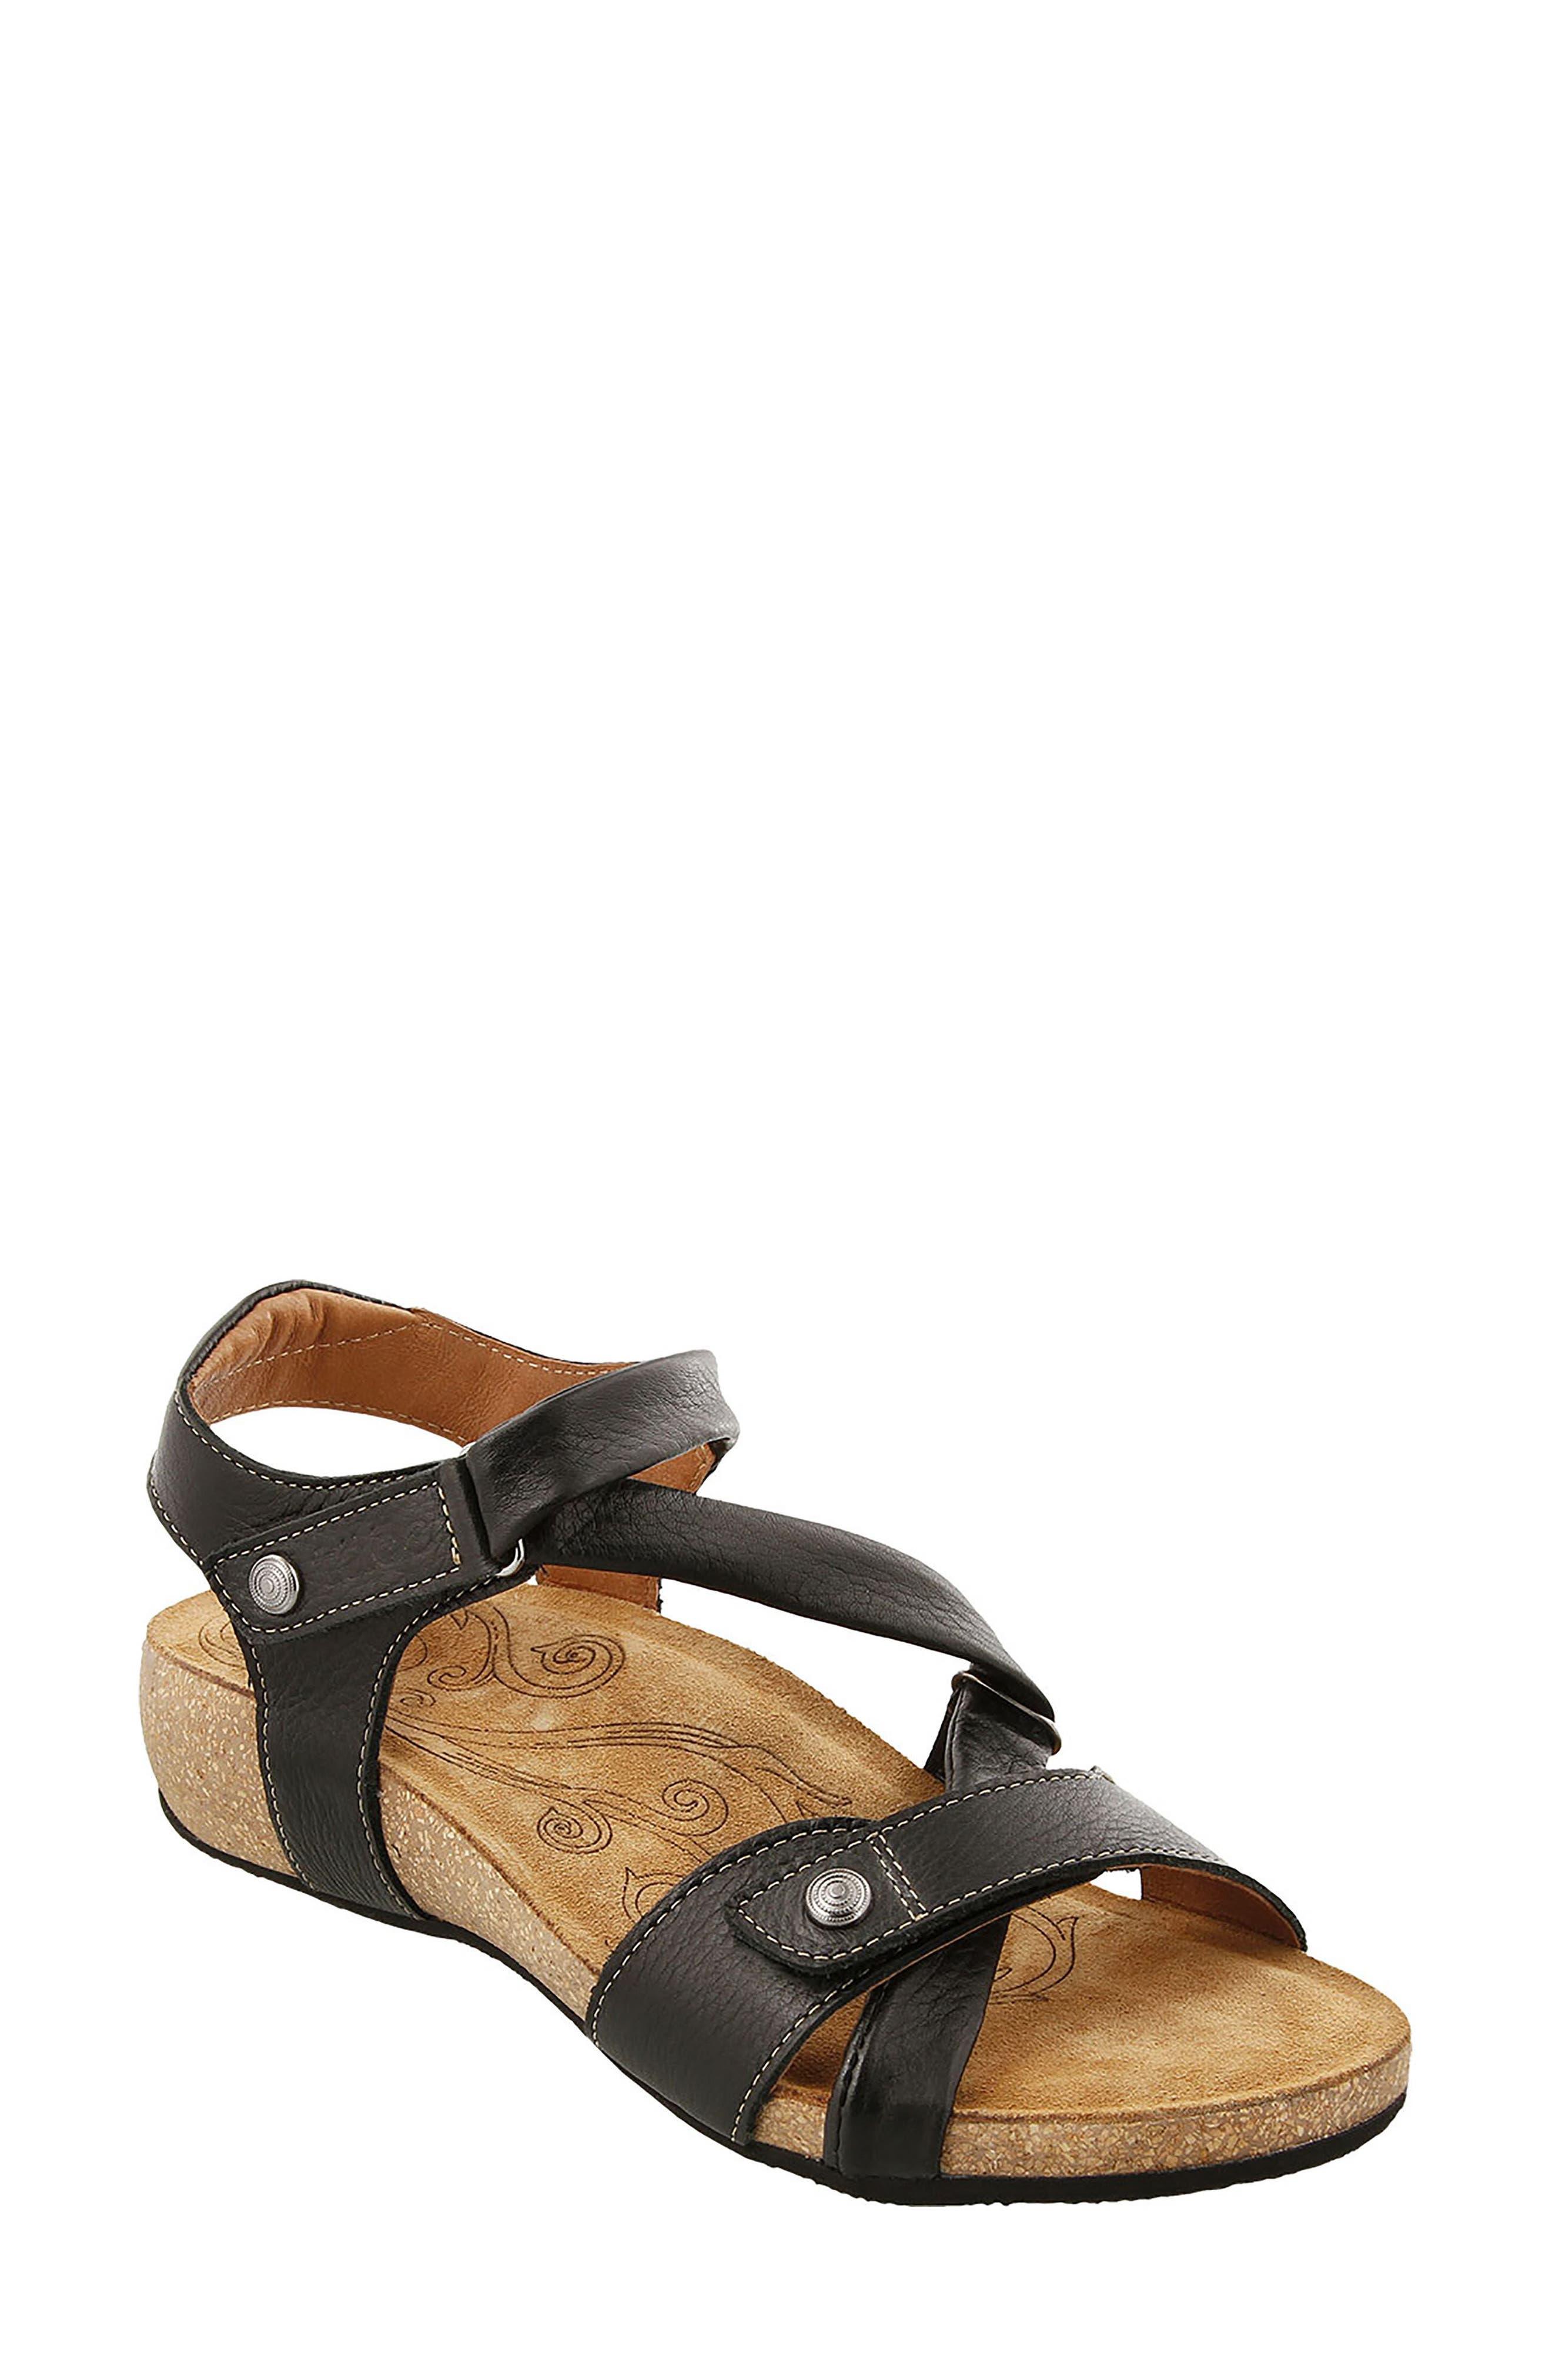 Universe Sandal,                         Main,                         color, BLACK LEATHER